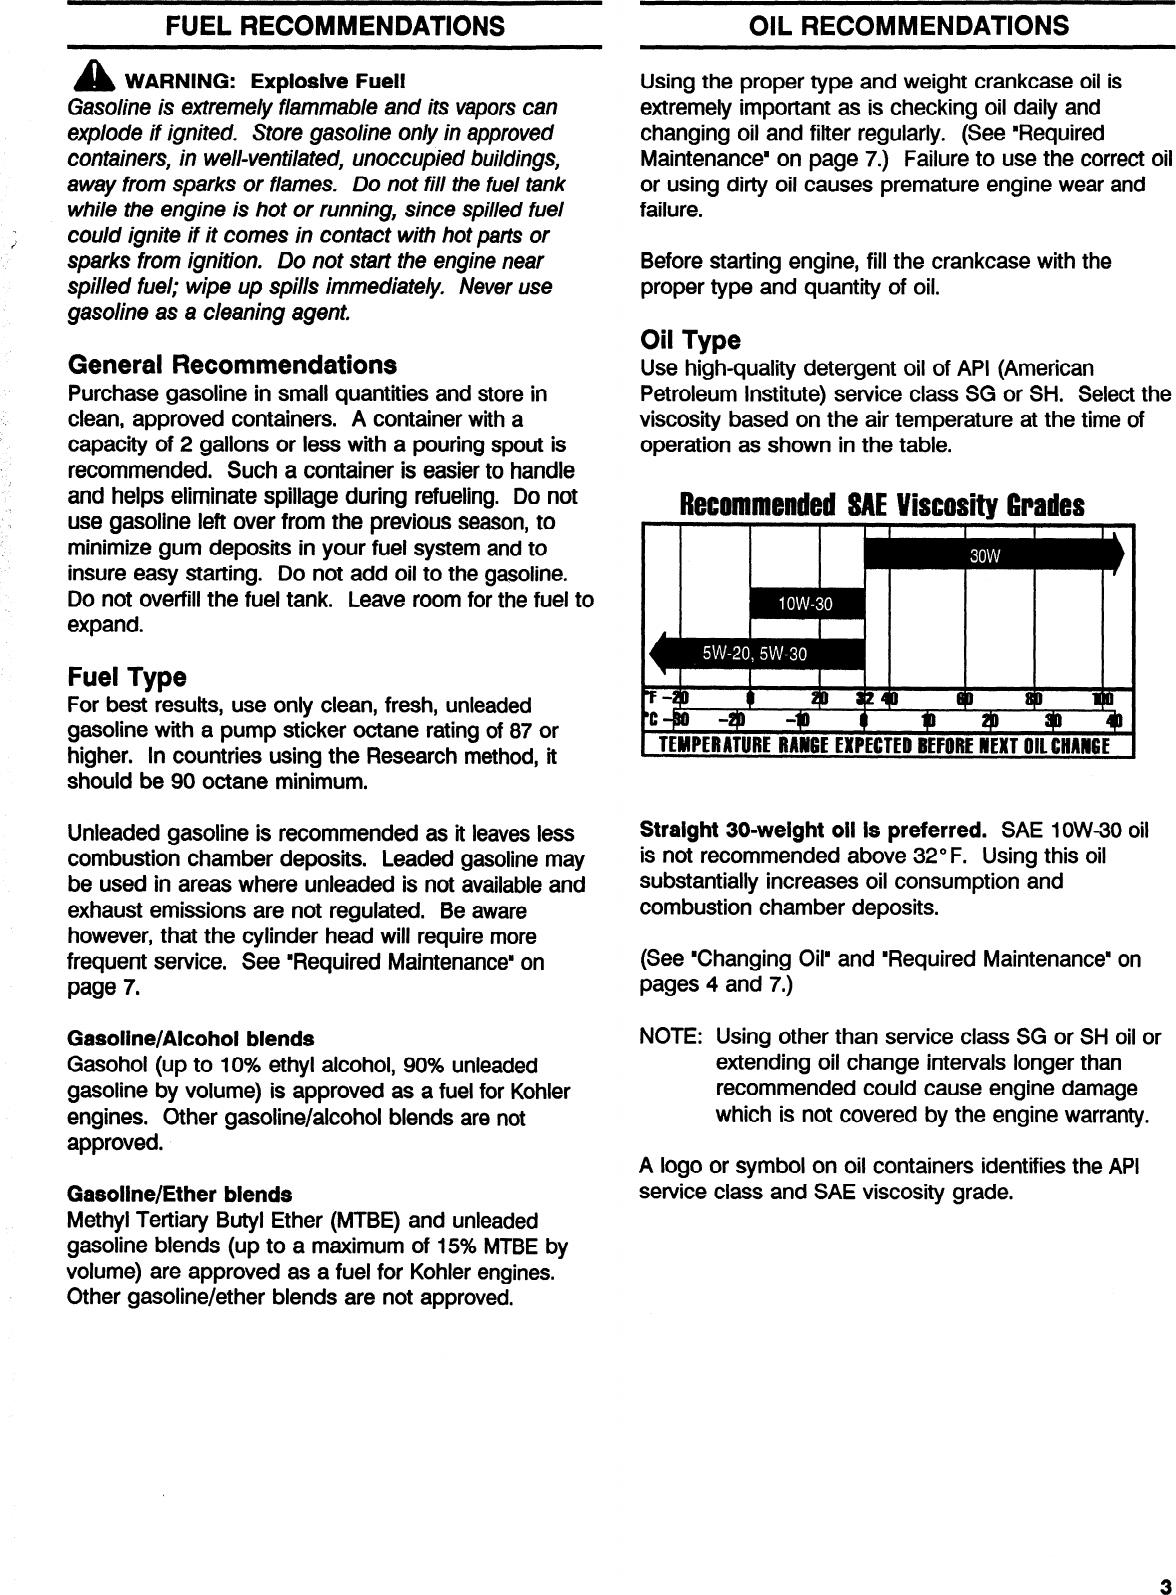 Kohler K161 Users Manual Owner's S K91, K161, & K181